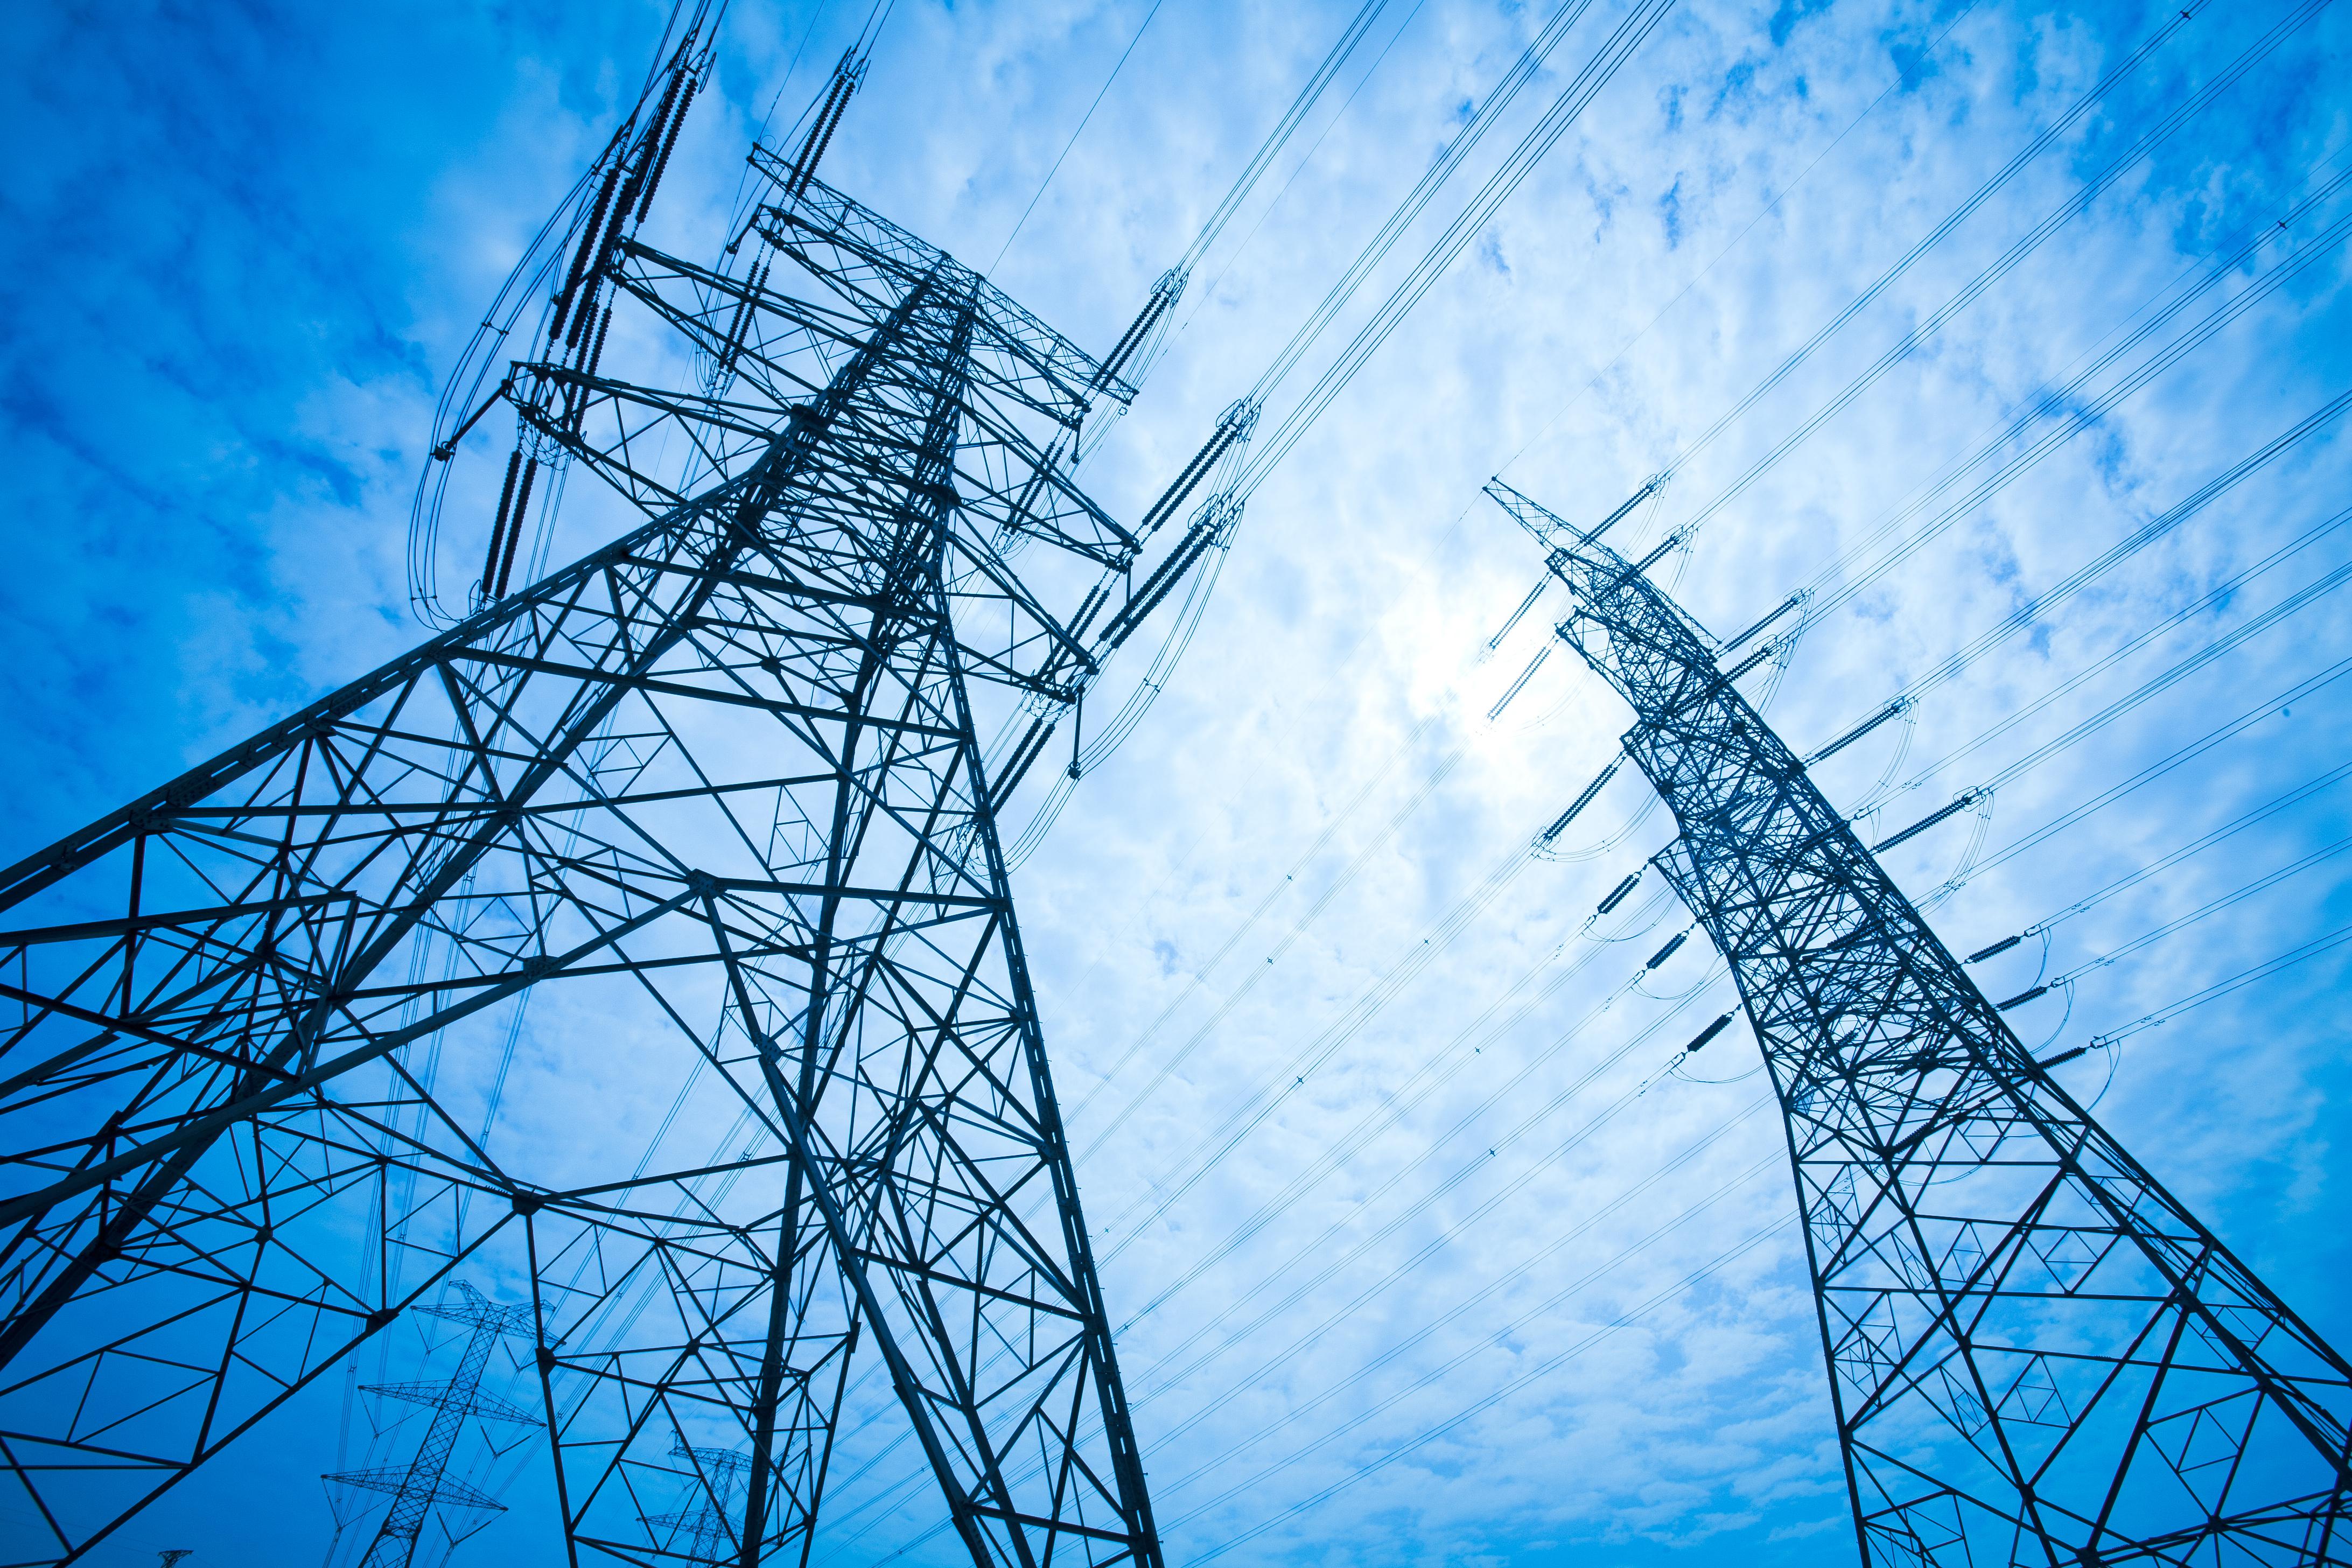 Rosną ceny energii elektrycznej i koszty przedsiębiorstw - spada konkurencyjność polskich firm